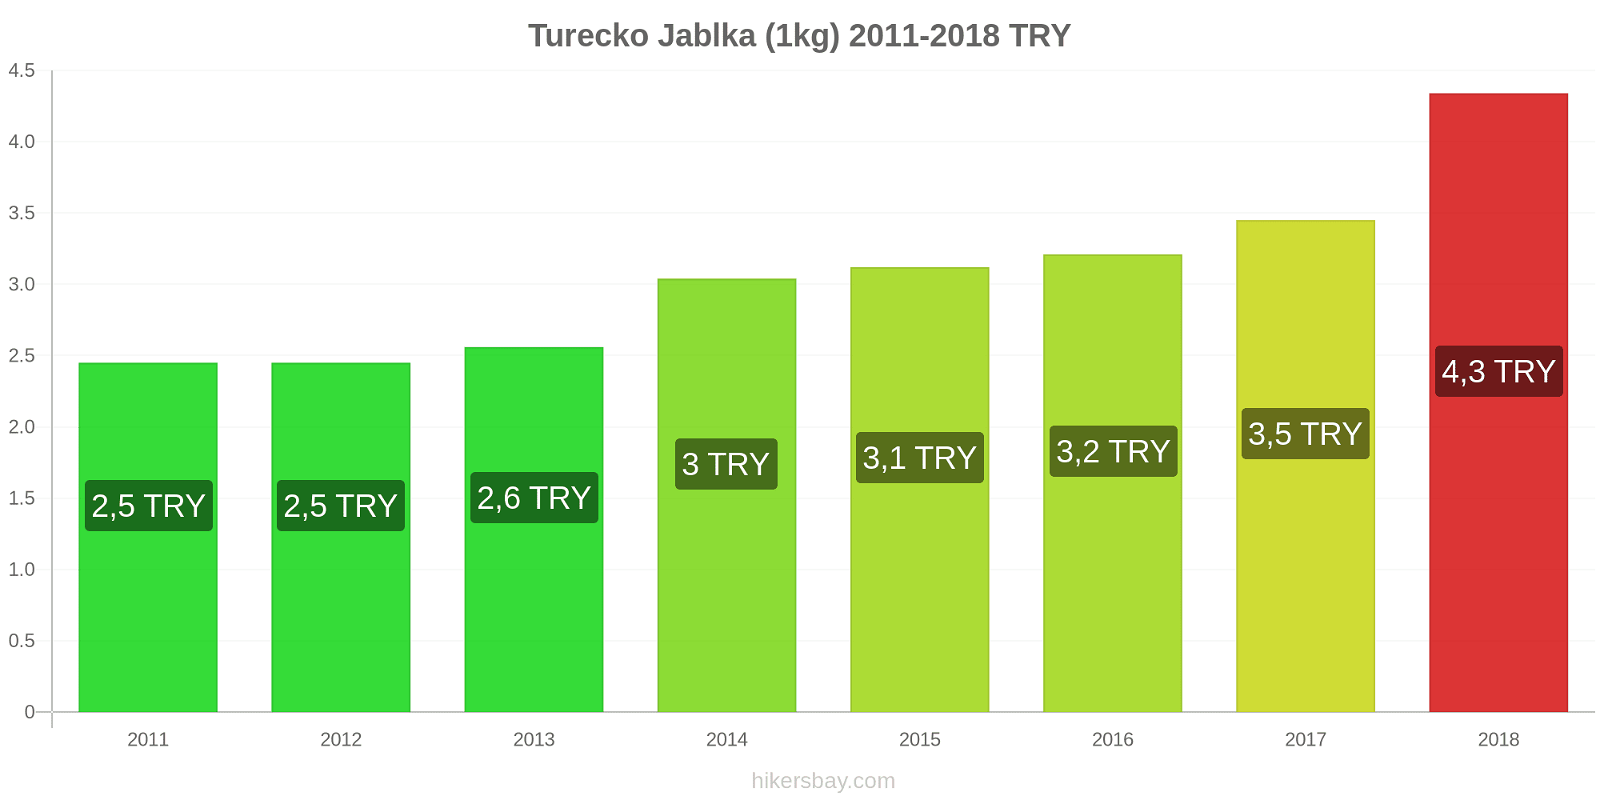 Turecko změny cen Jablka (1kg) hikersbay.com